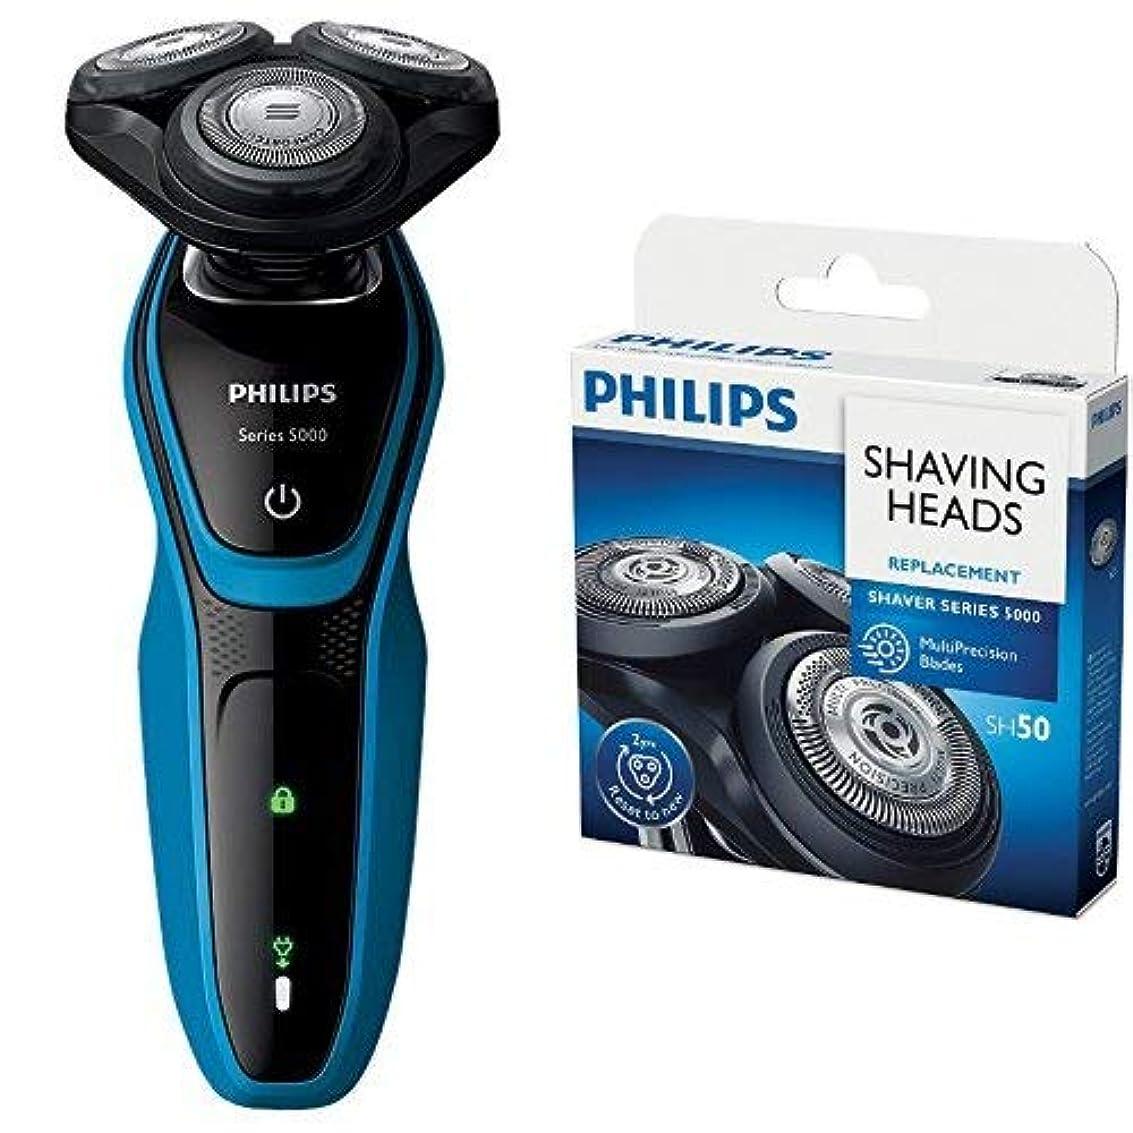 [セット販売]フィリップス 5000シリーズ メンズ 電気シェーバー 27枚刃 回転式 お風呂剃り & 丸洗い可 S5050/05 + フィリップス 5000シリーズ用替刃 SH50/51